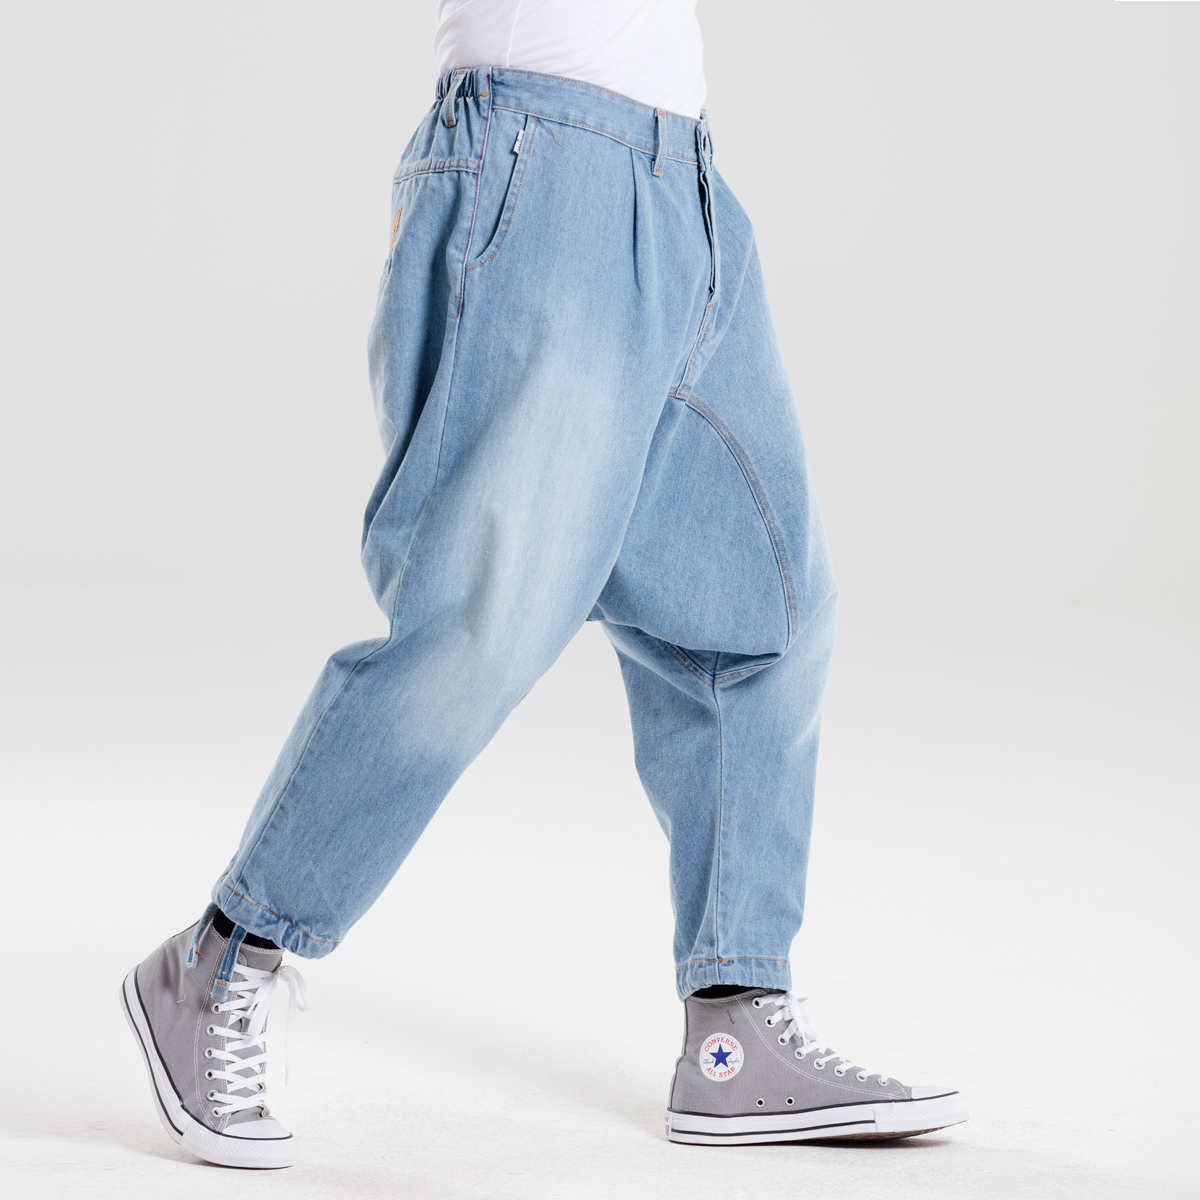 saroual jeans evo blitch dcjeans profil